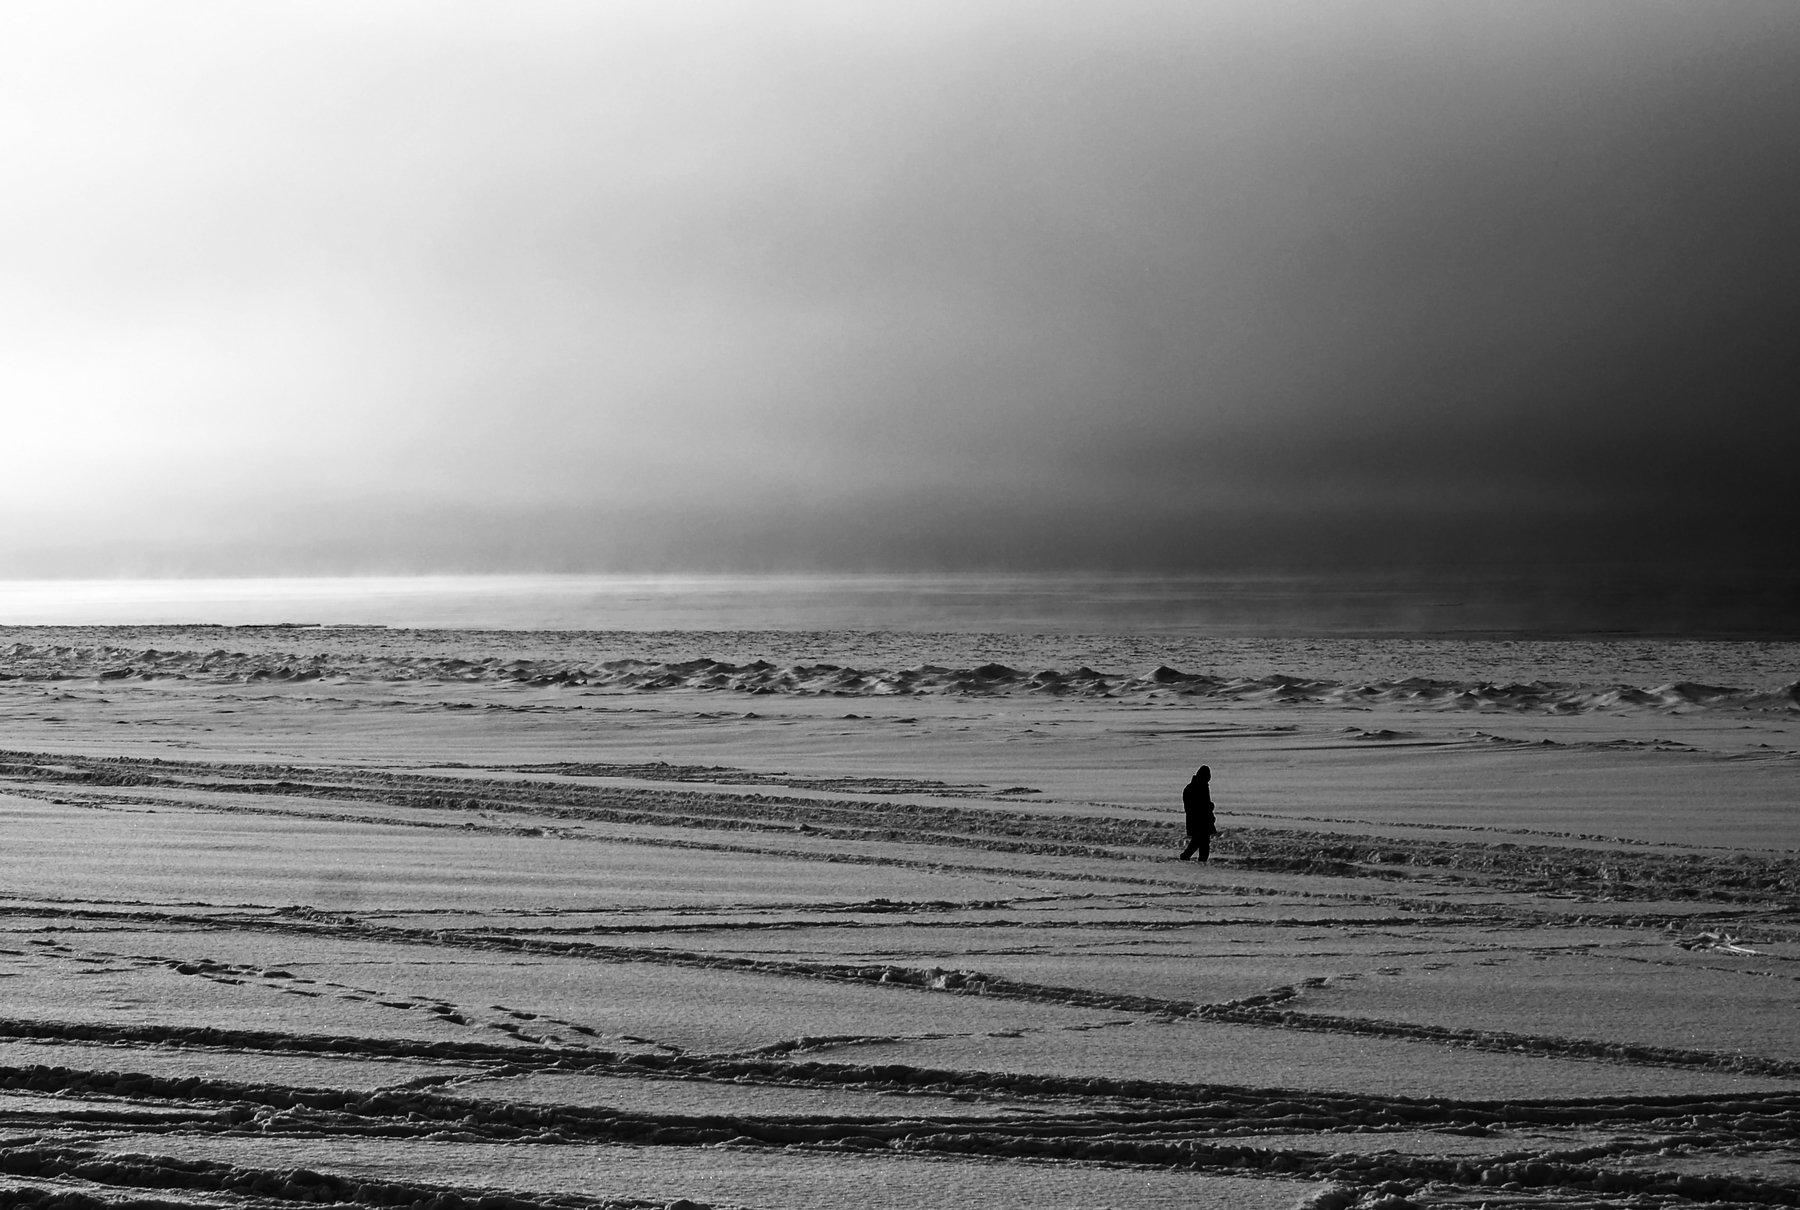 мороз, пляж, снег, черное белое, человек, Анастасия Волкова